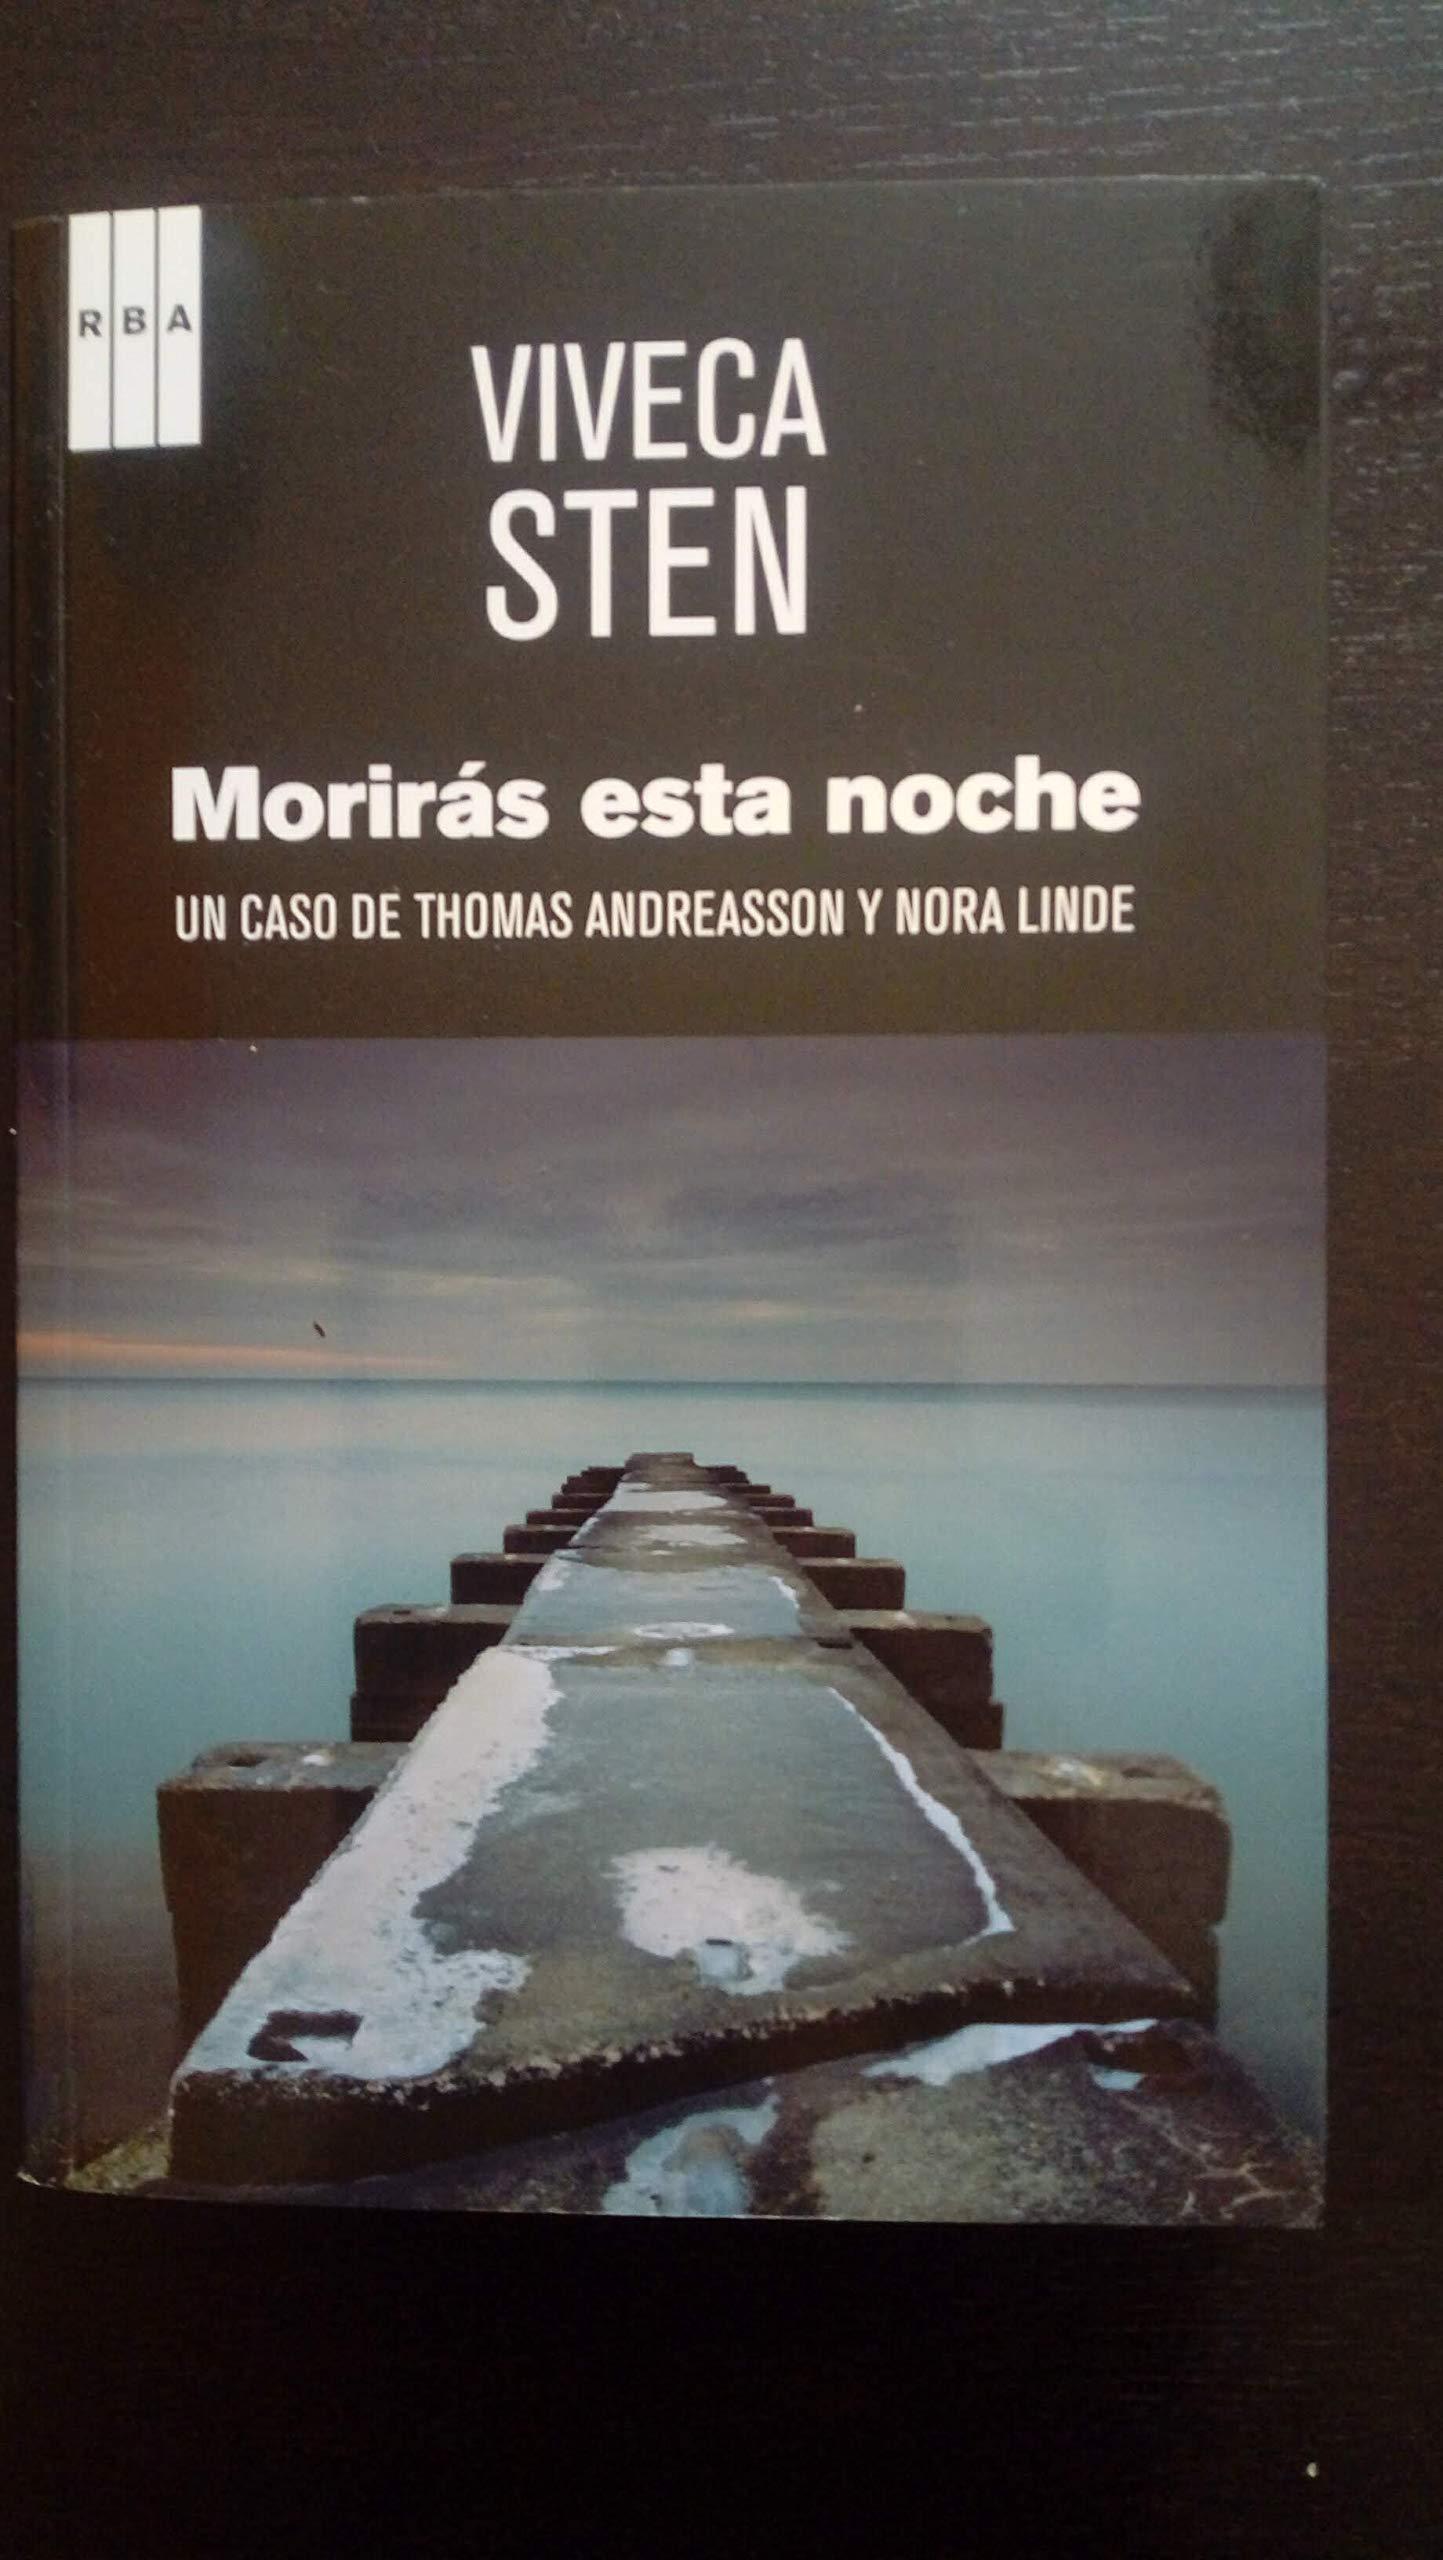 Morirás esta noche: Amazon.es: Viveca Sten: Libros